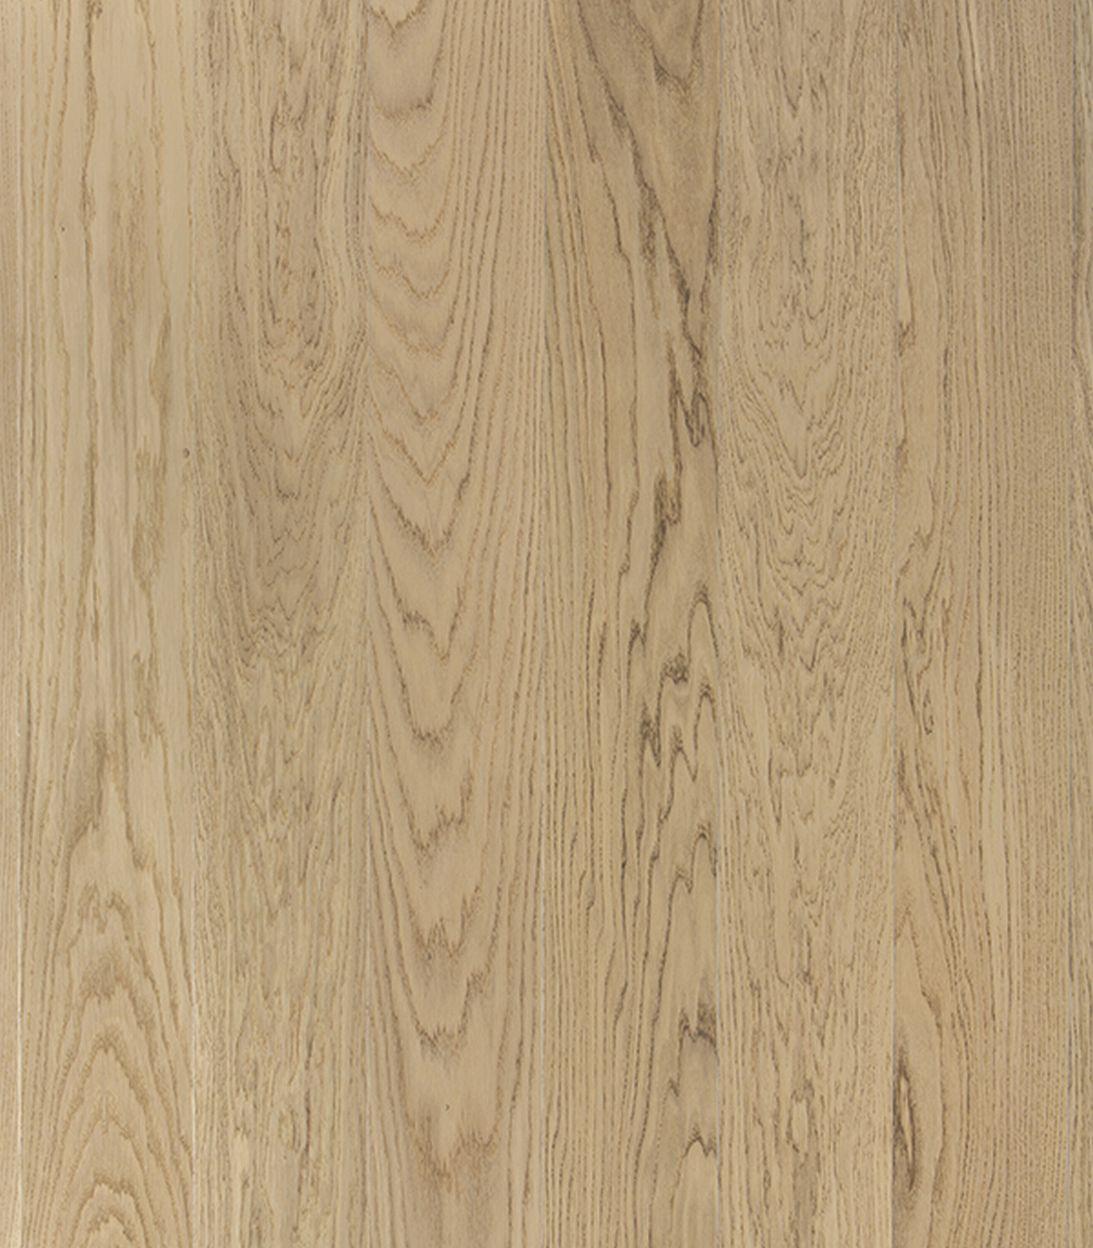 Паркетная доска Sommer дуб крем 13,2 мм однополосная стоимость